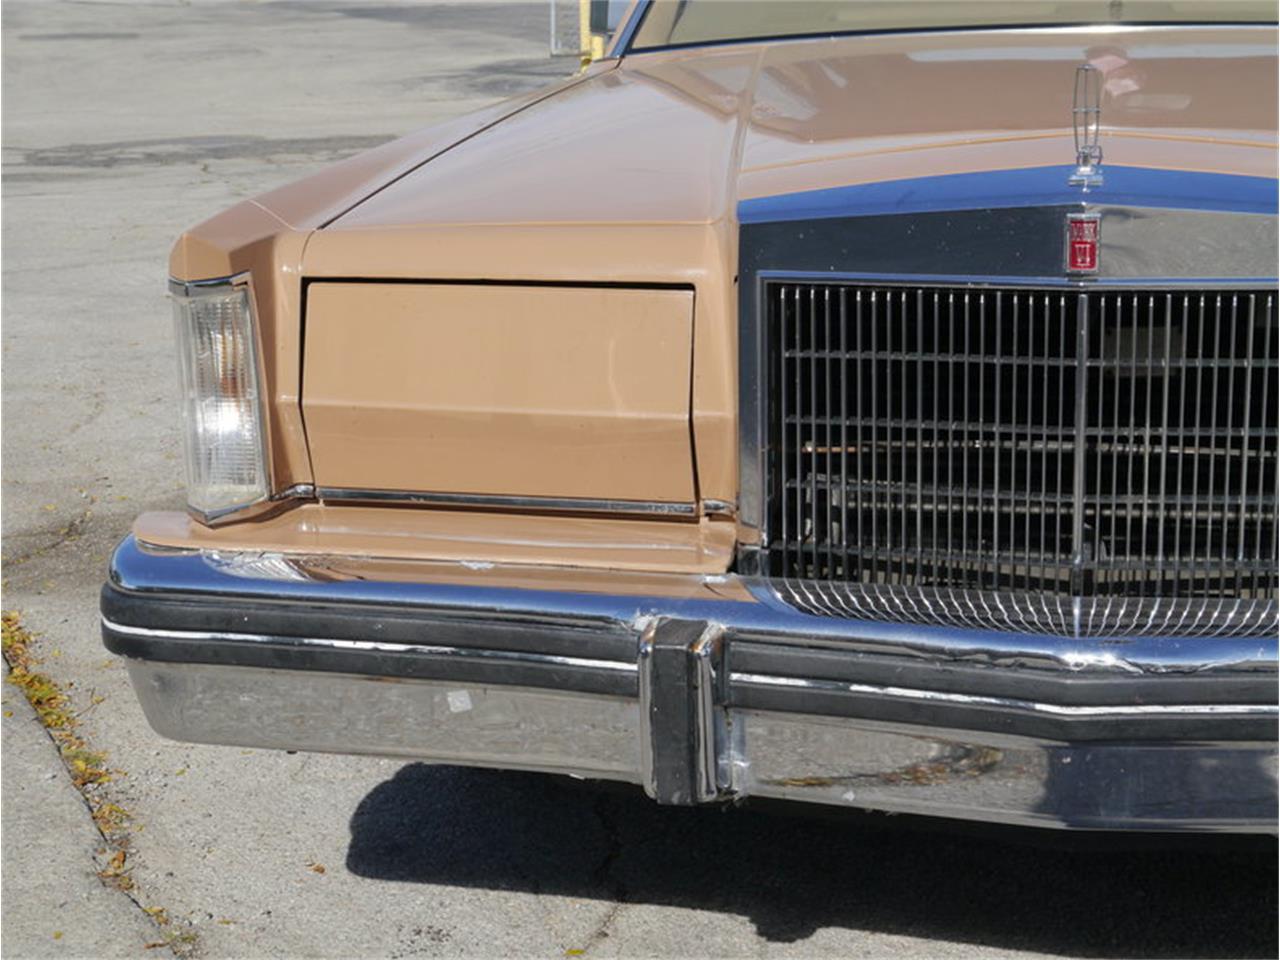 Large Picture of 1983 Lincoln Continental Mark VI located in Illinois - $7,900.00 - M7E3